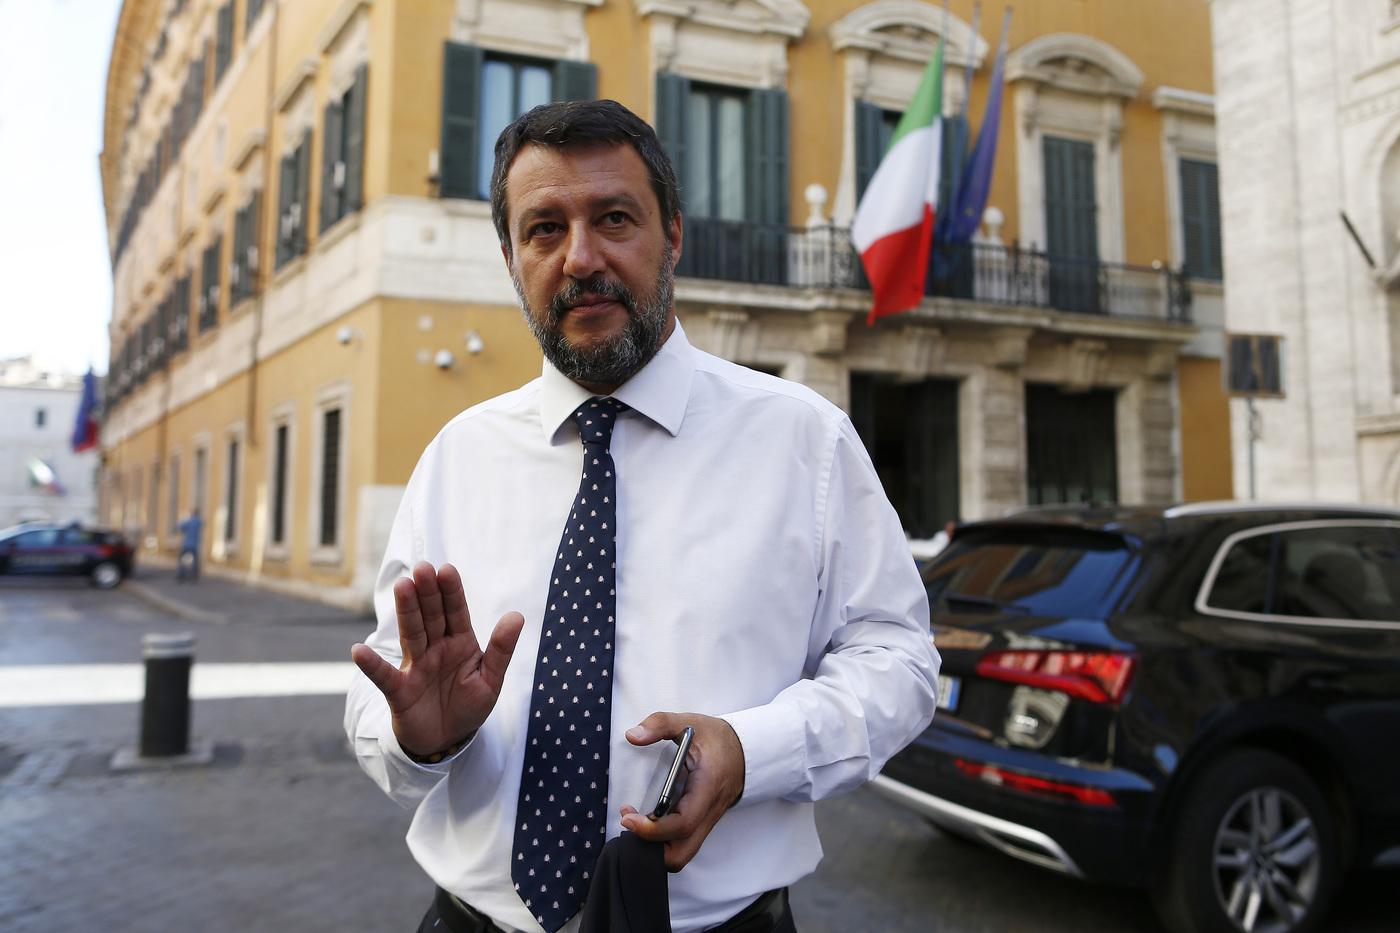 Salvini e la decisione del Senato, il caso Open Arms e l'immunità parlamentare